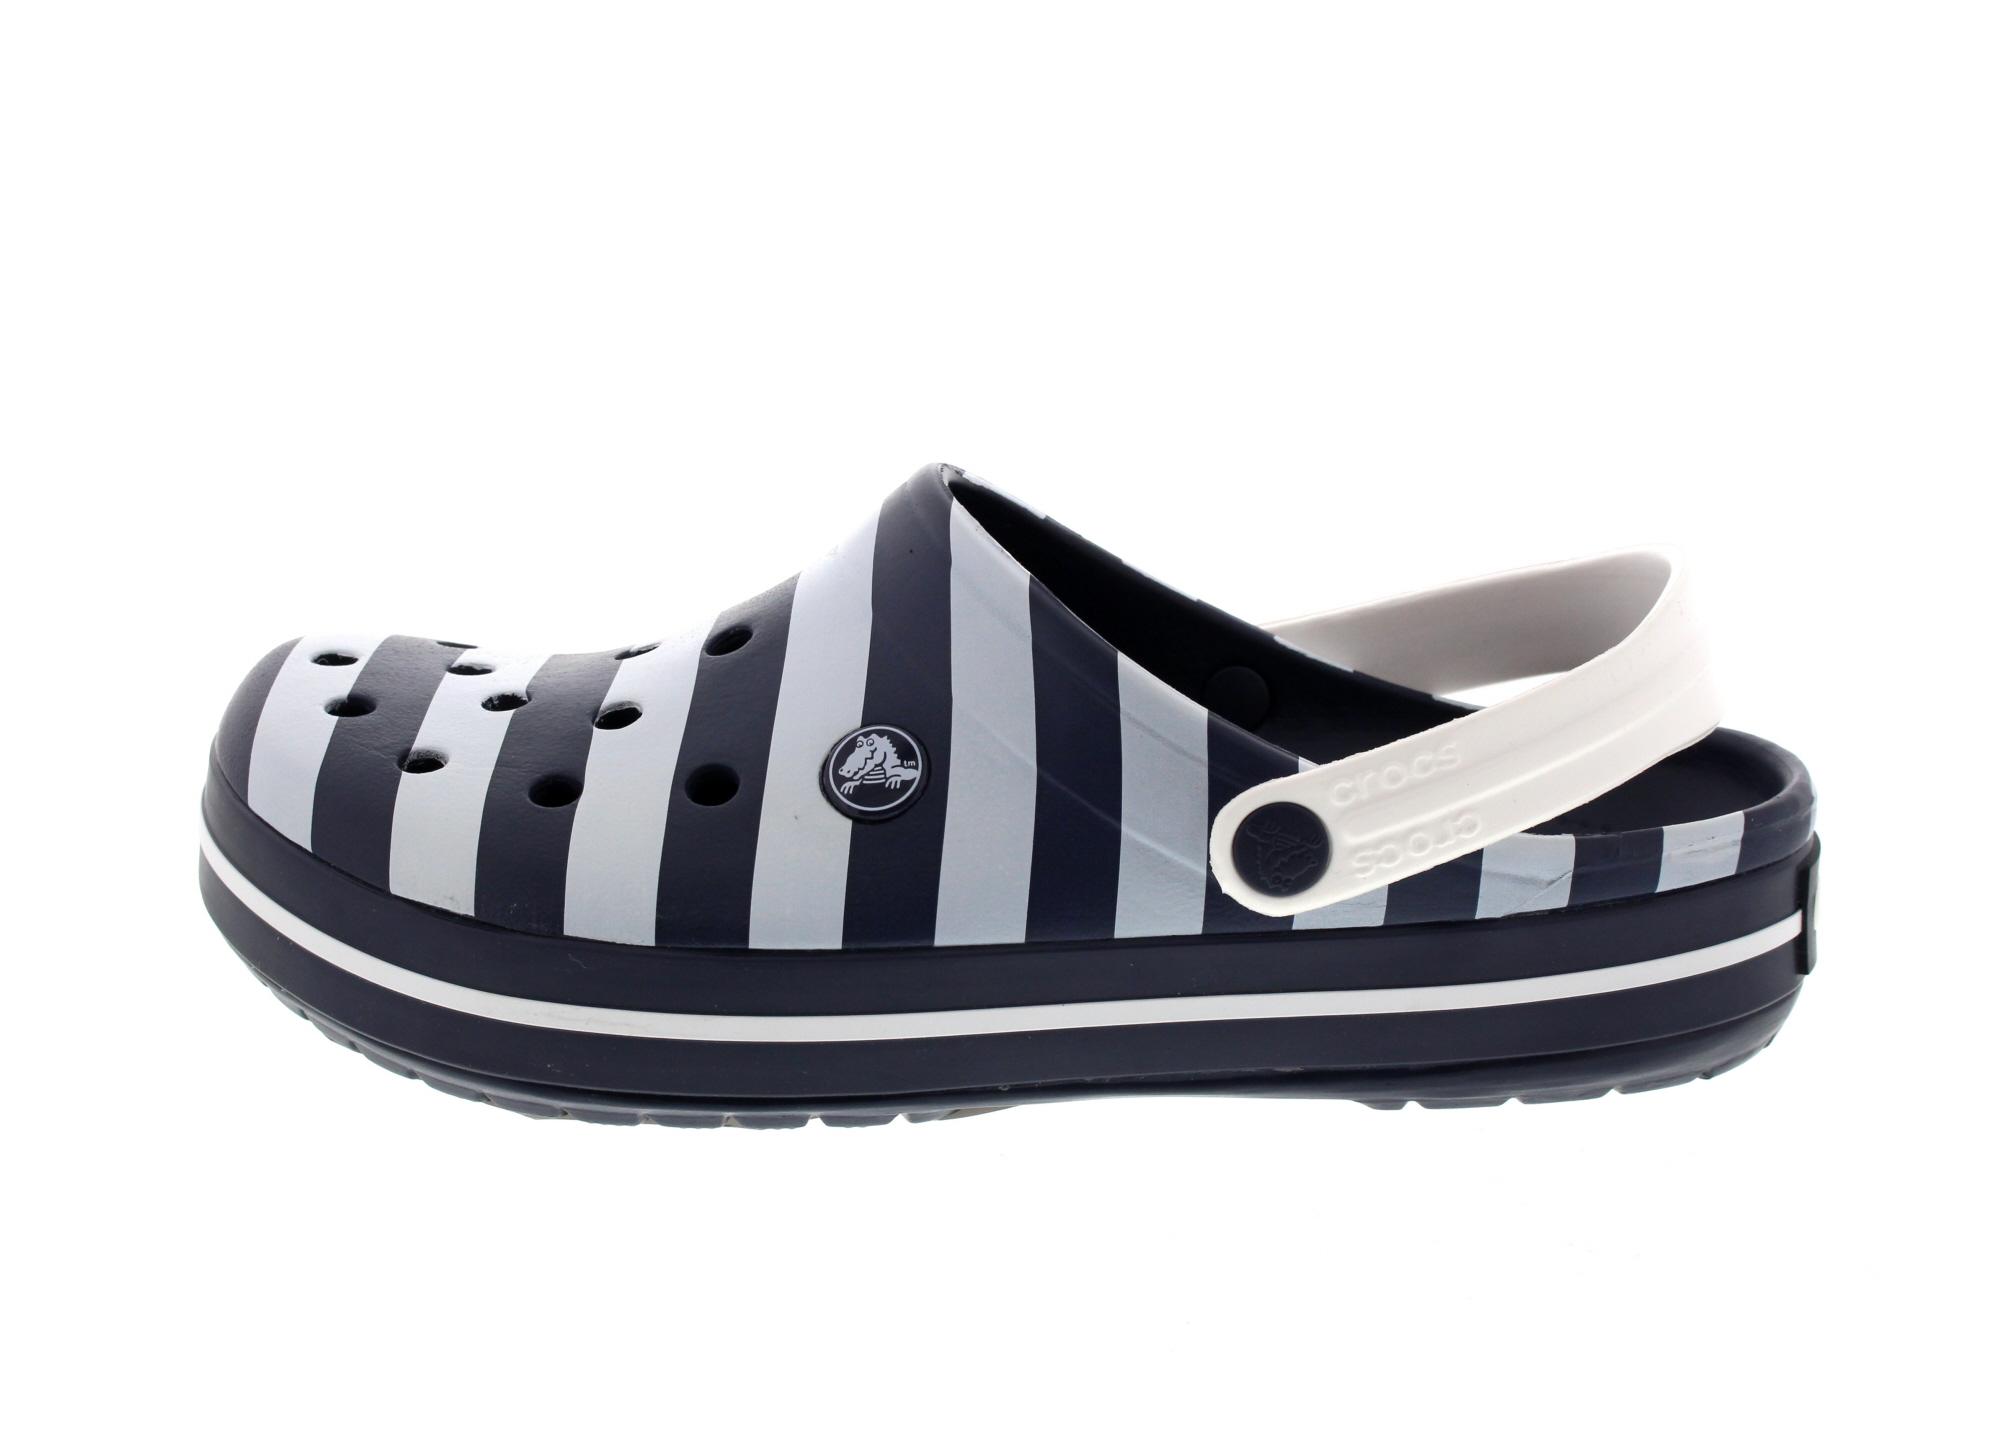 Risitar W/äschenetz f/ür Waschmaschine Schuhe Socken einzig Kugelform W/äschesack Unterw/äsche W/äschetasche f/ür BH Kleidung W/äschebeutel Set mit Rei/ßverschluss Pullover